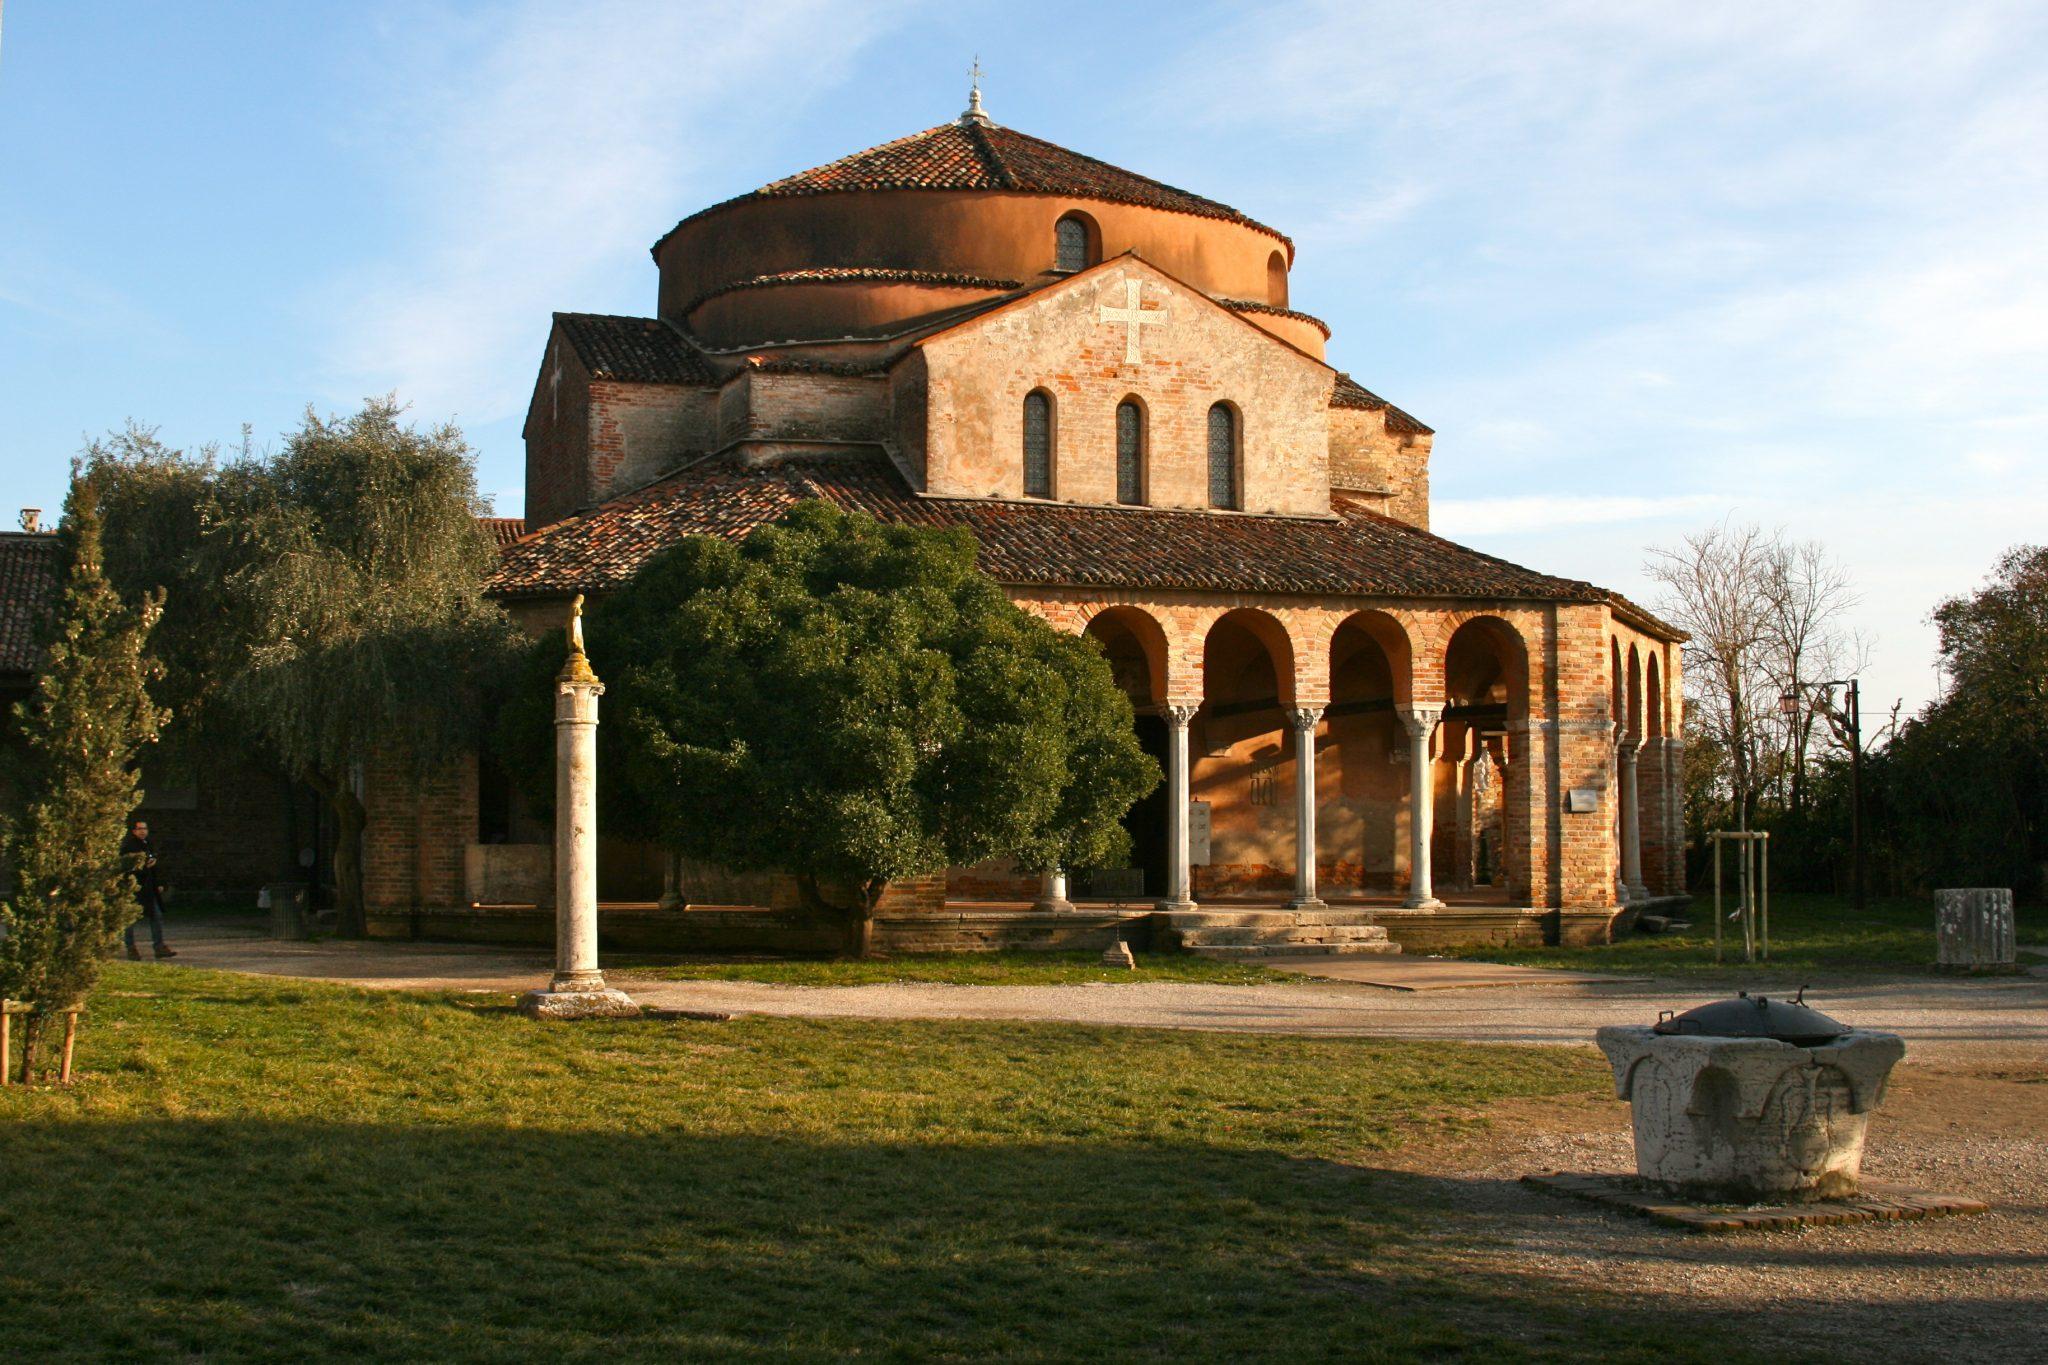 què visitar en Venecia inglesia bizantina de Torcello